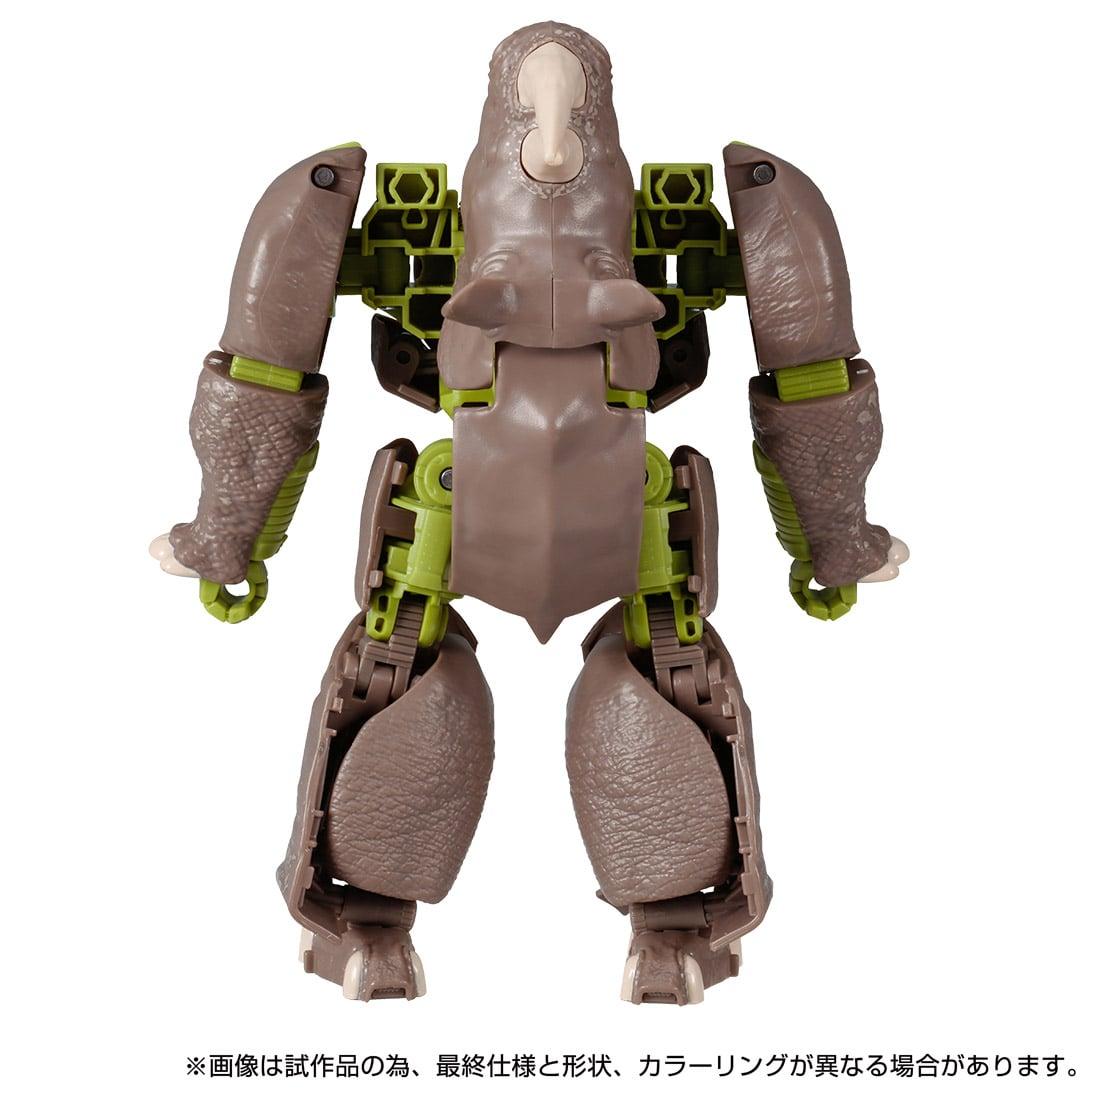 トランスフォーマー キングダム『KD-13 ライノックス』可変可動フィギュア-005